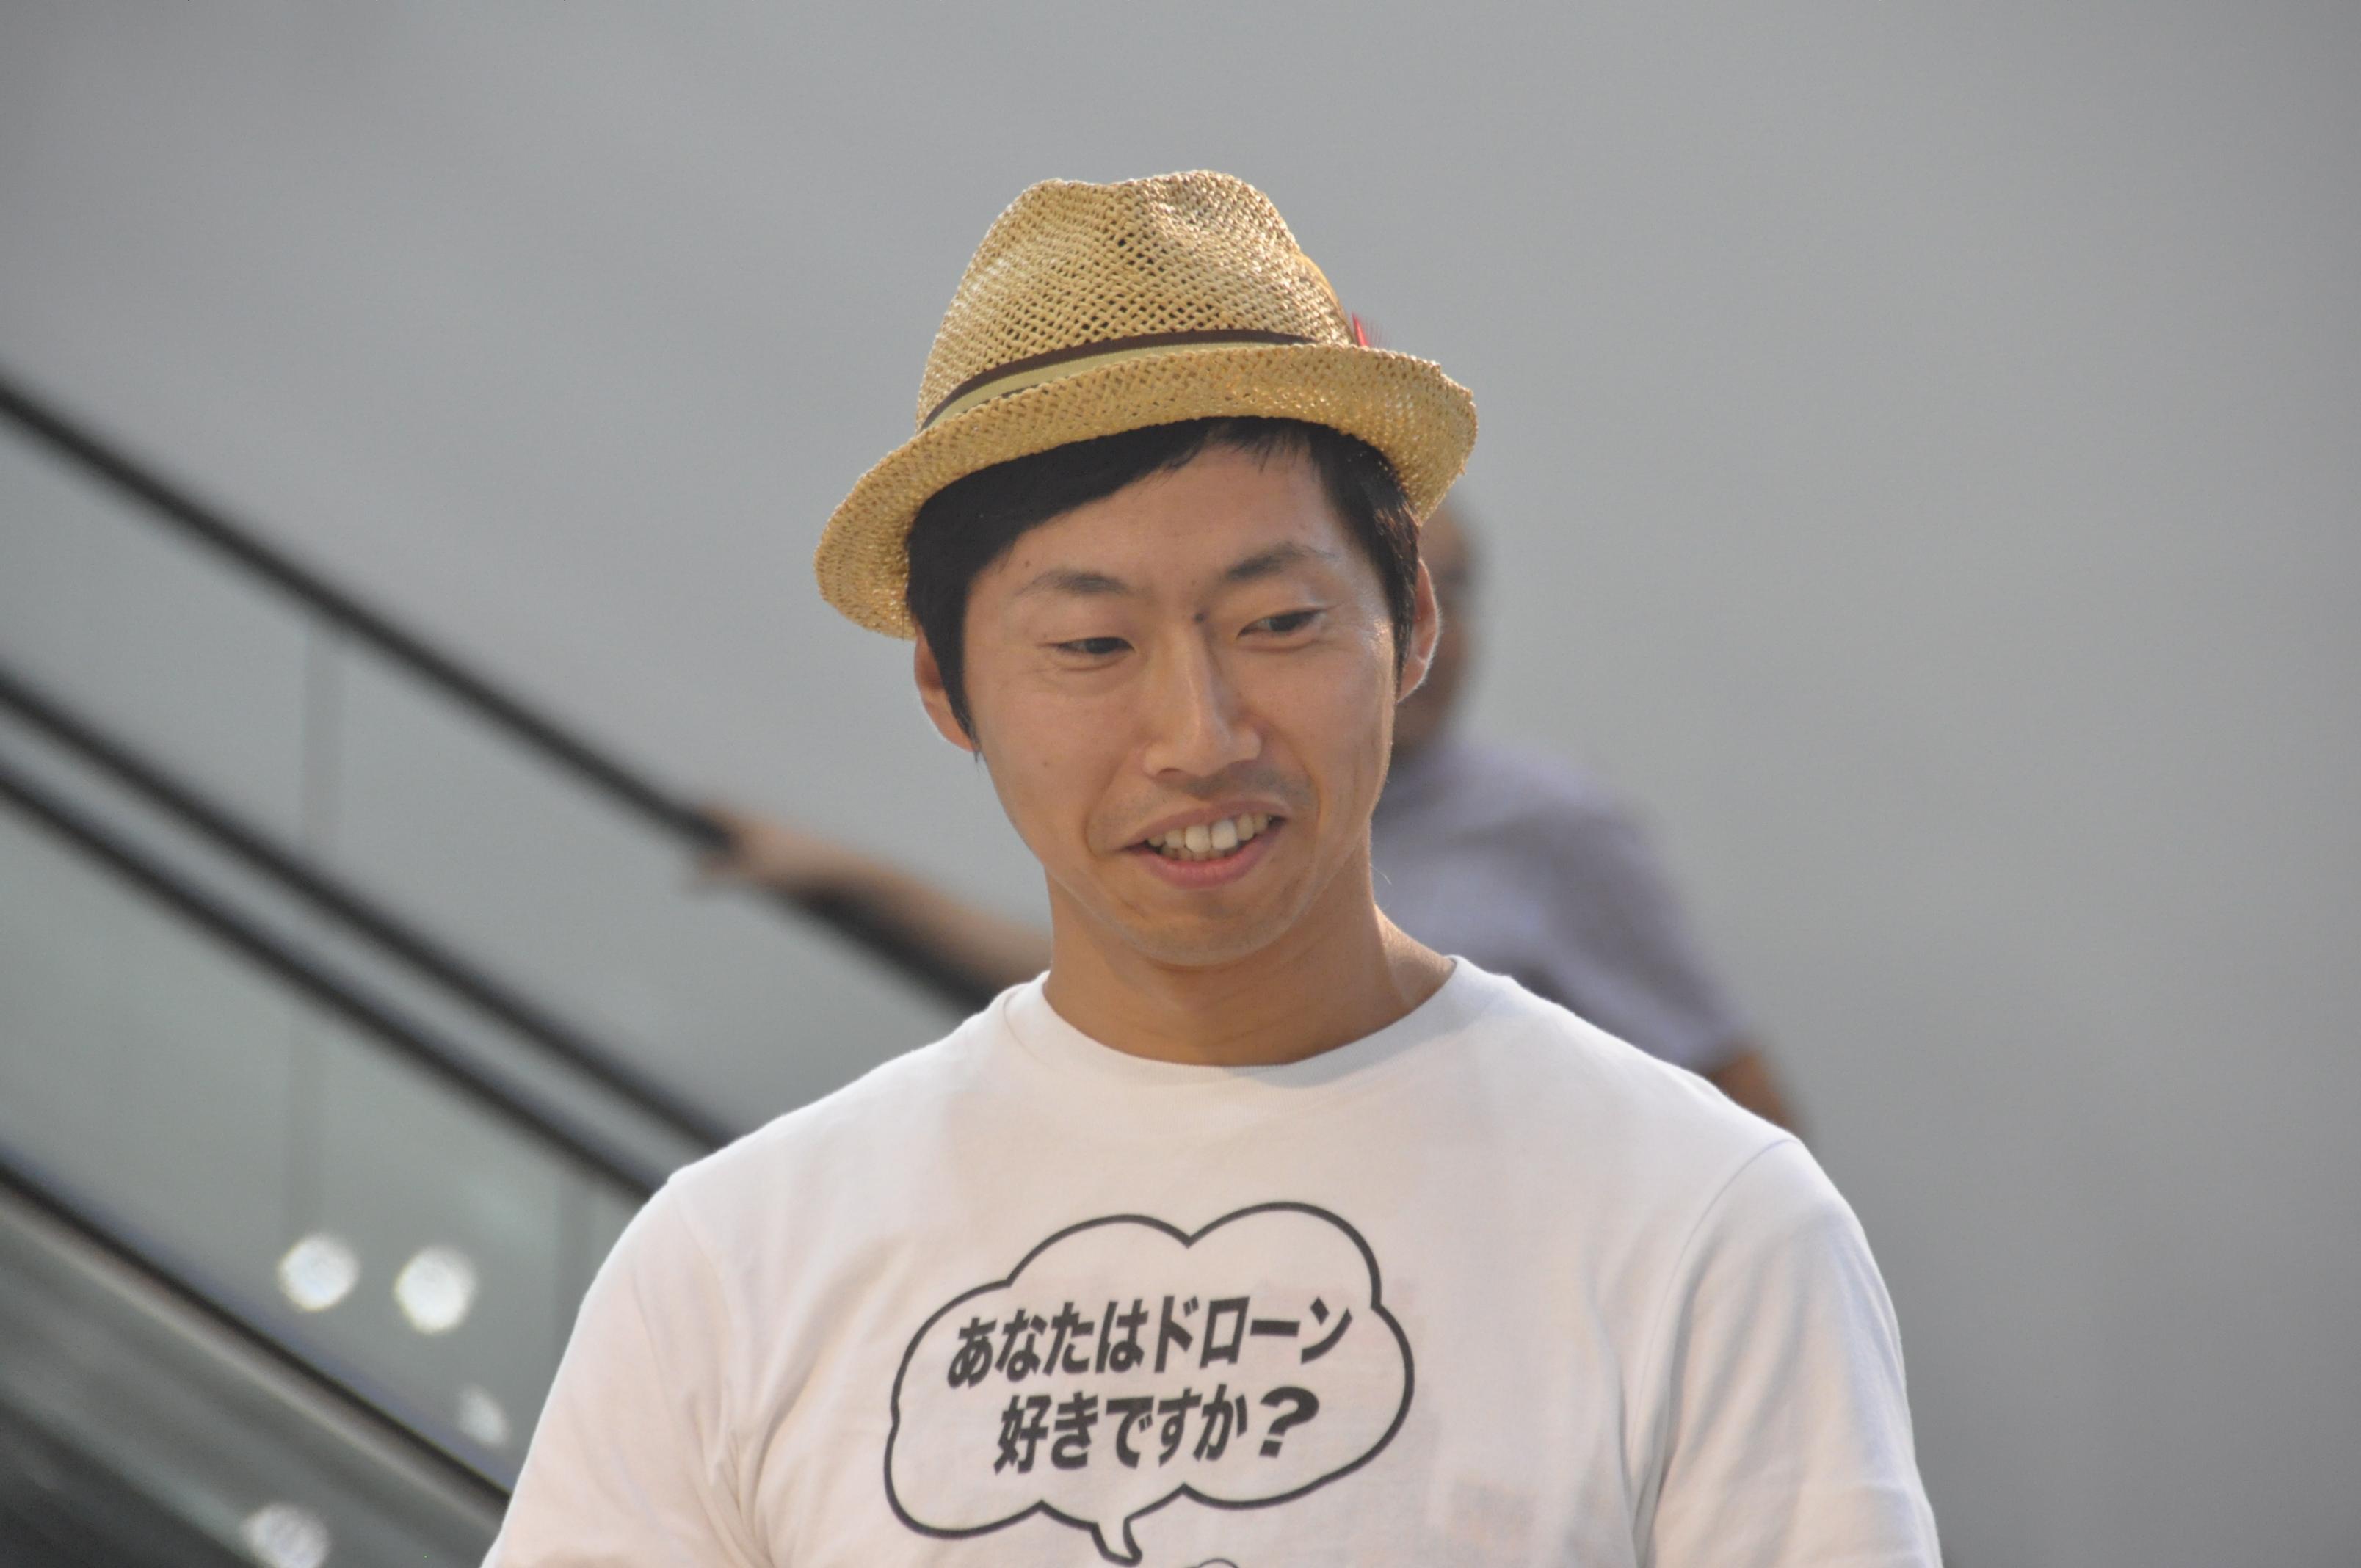 谷+1。 氏(株式会社ワタナベエンターテイメント)